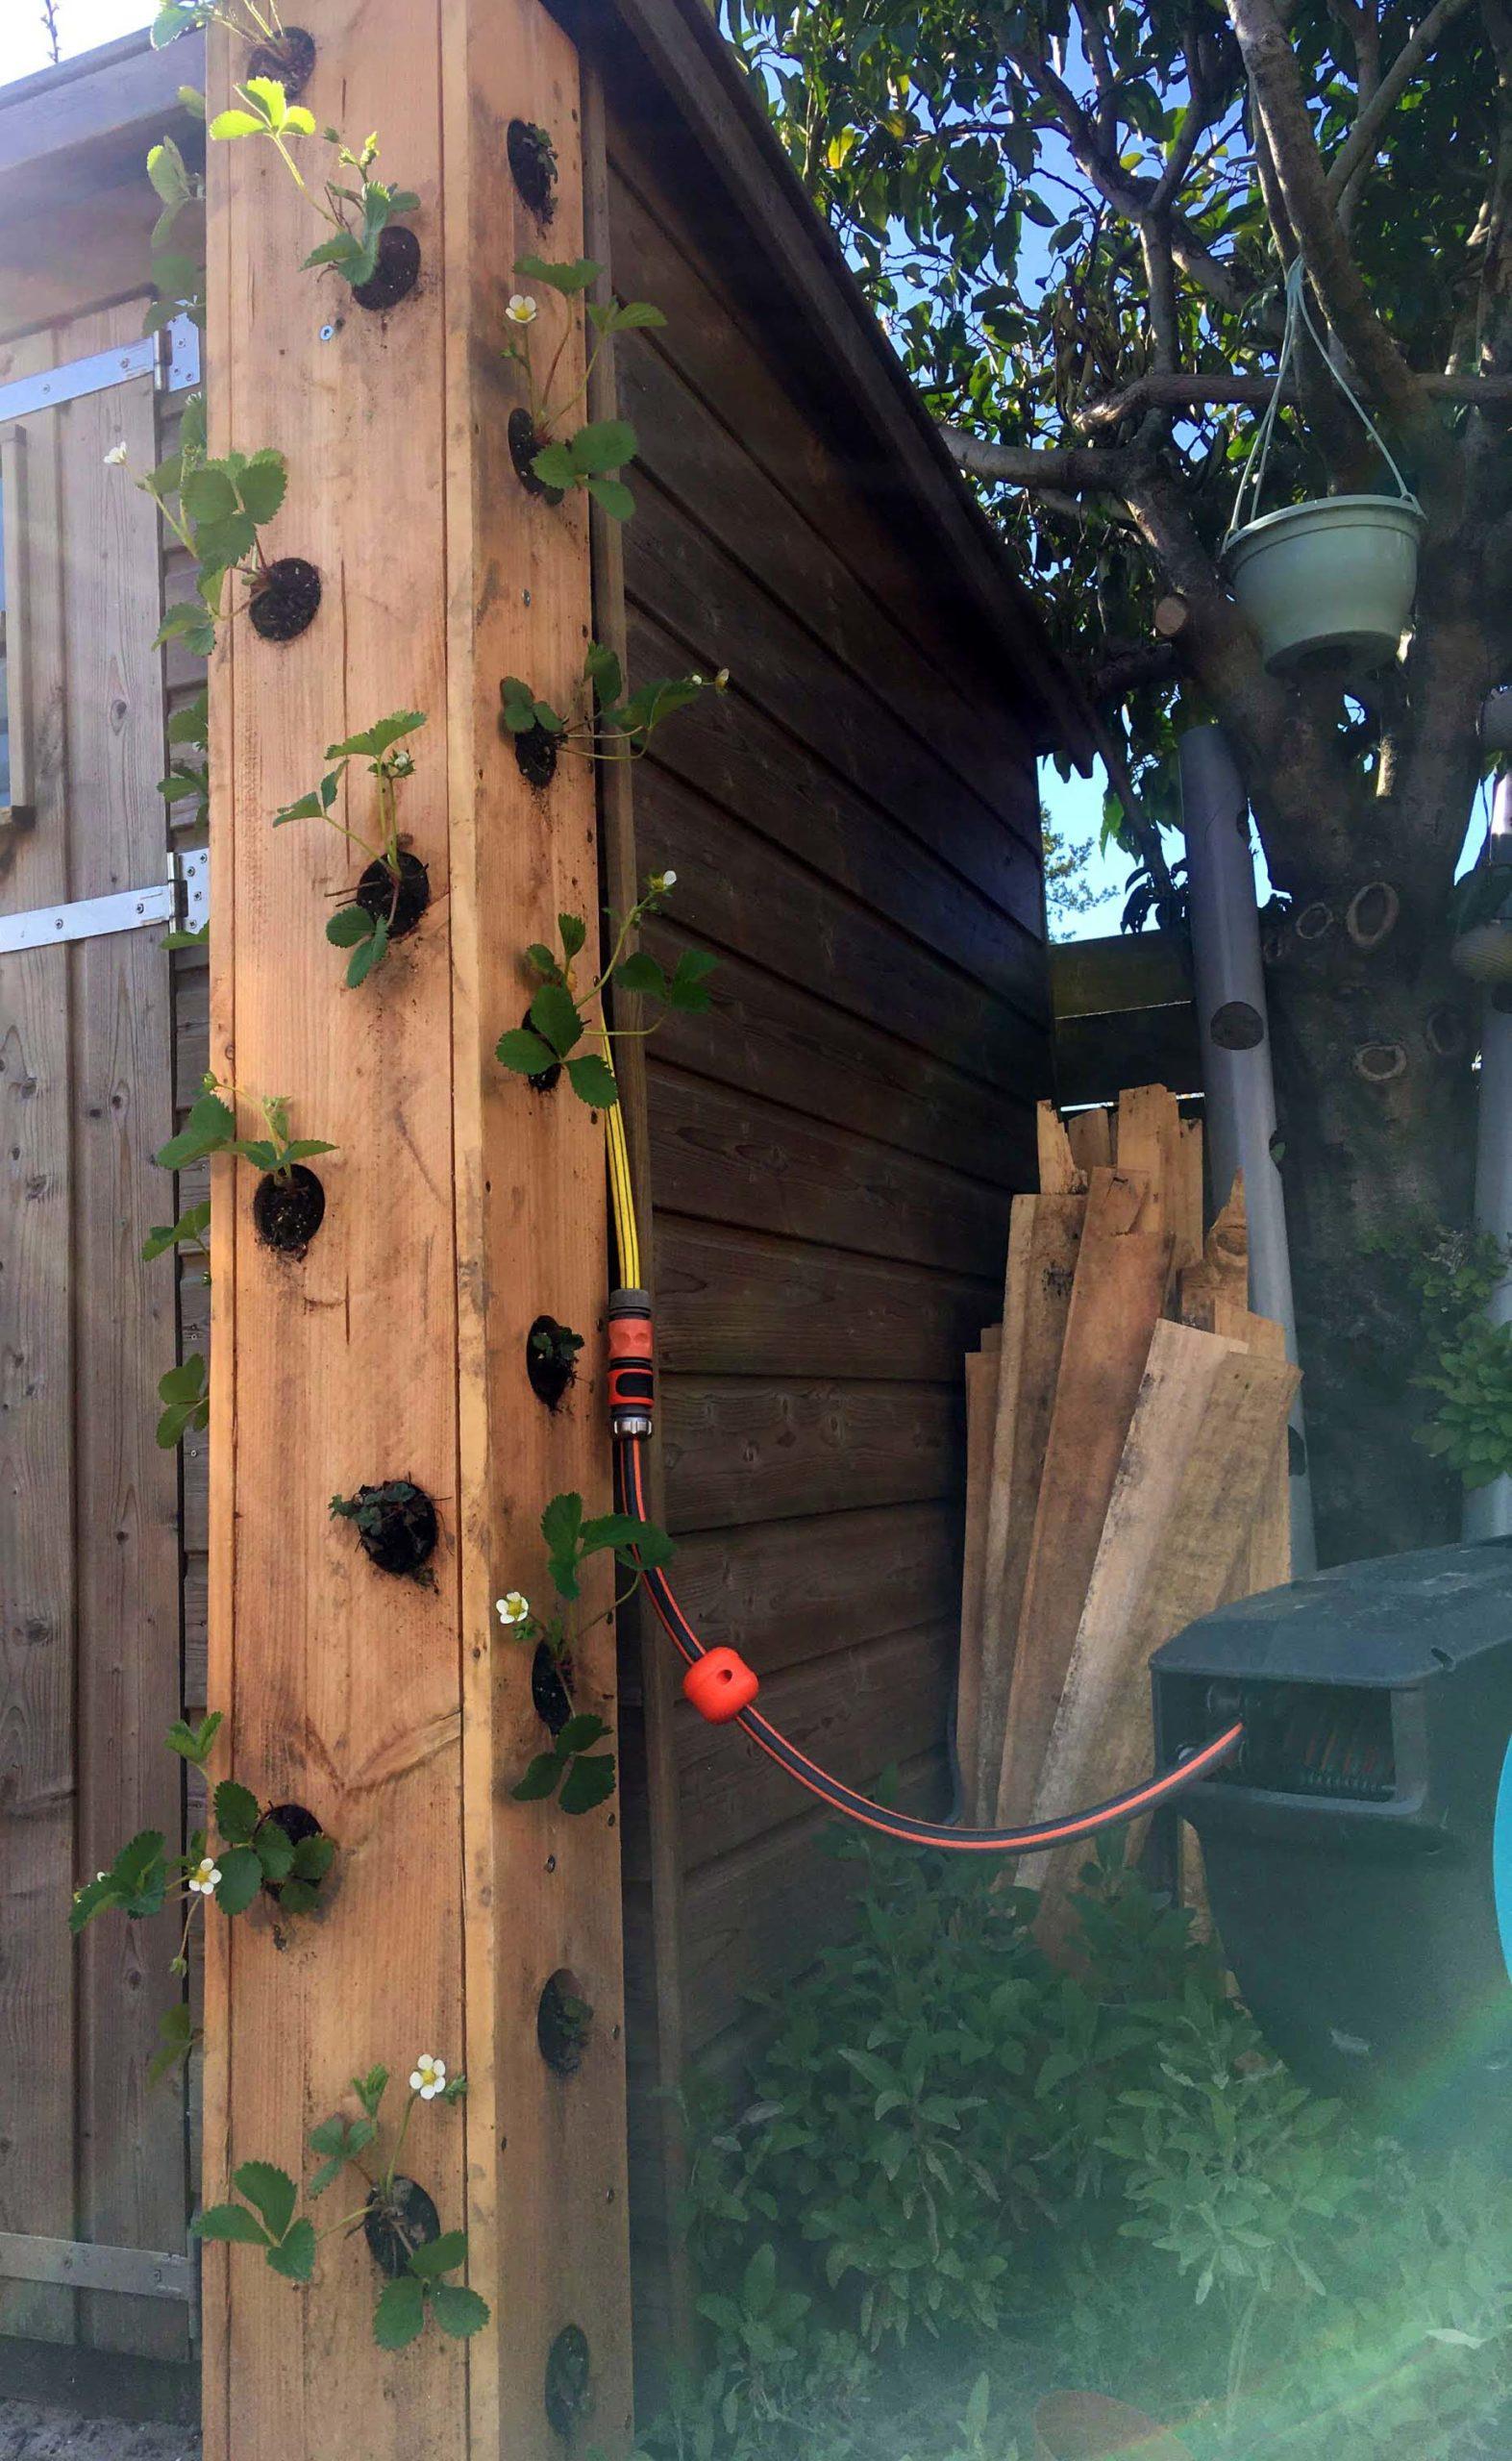 DIY aardbeientoren aangesloten tuinslang